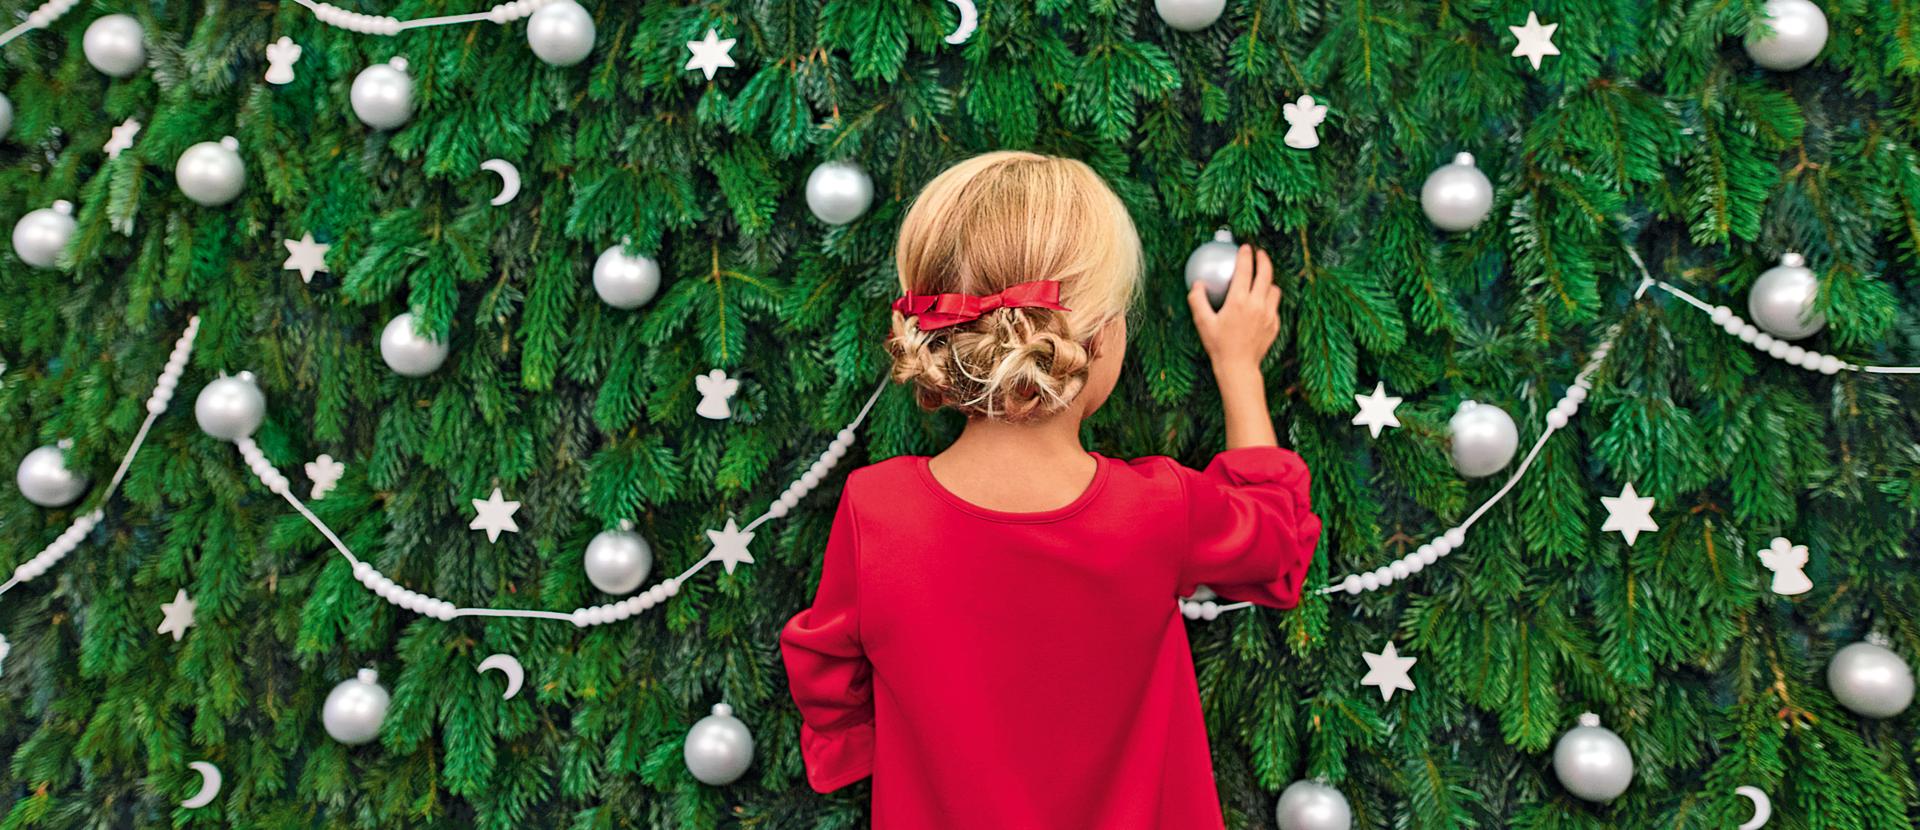 Mädchen vor Weihnachtsbaum